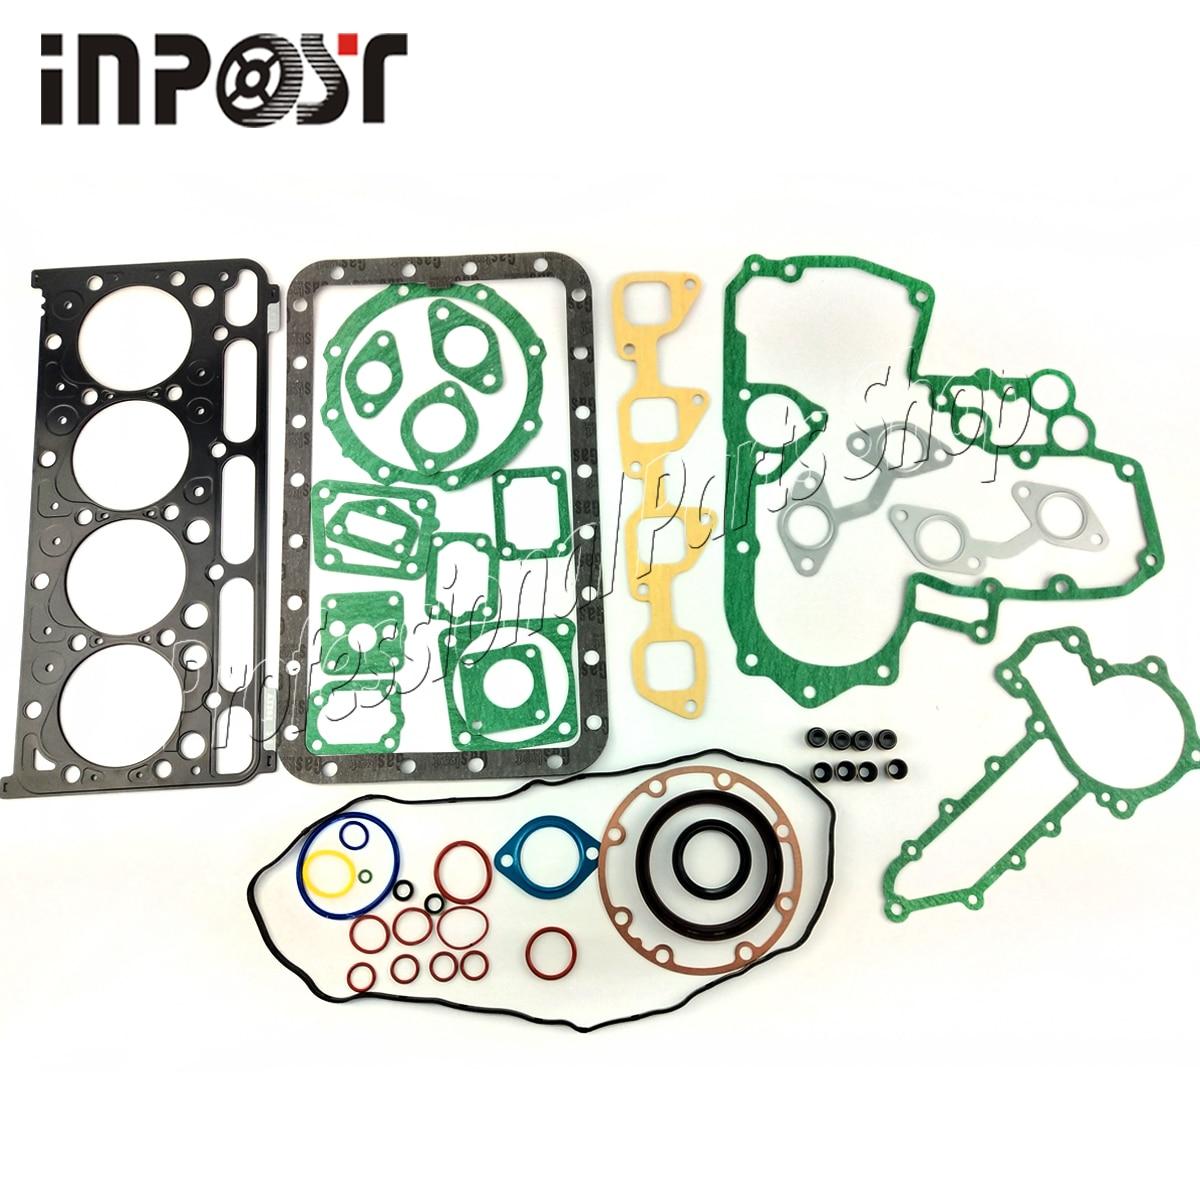 Полный комплект прокладок двигателя с прокладкой головки цилиндра, подходит для Kubota V2203 V2203B V2203T 07916-29505 19077-03310 07916-29515